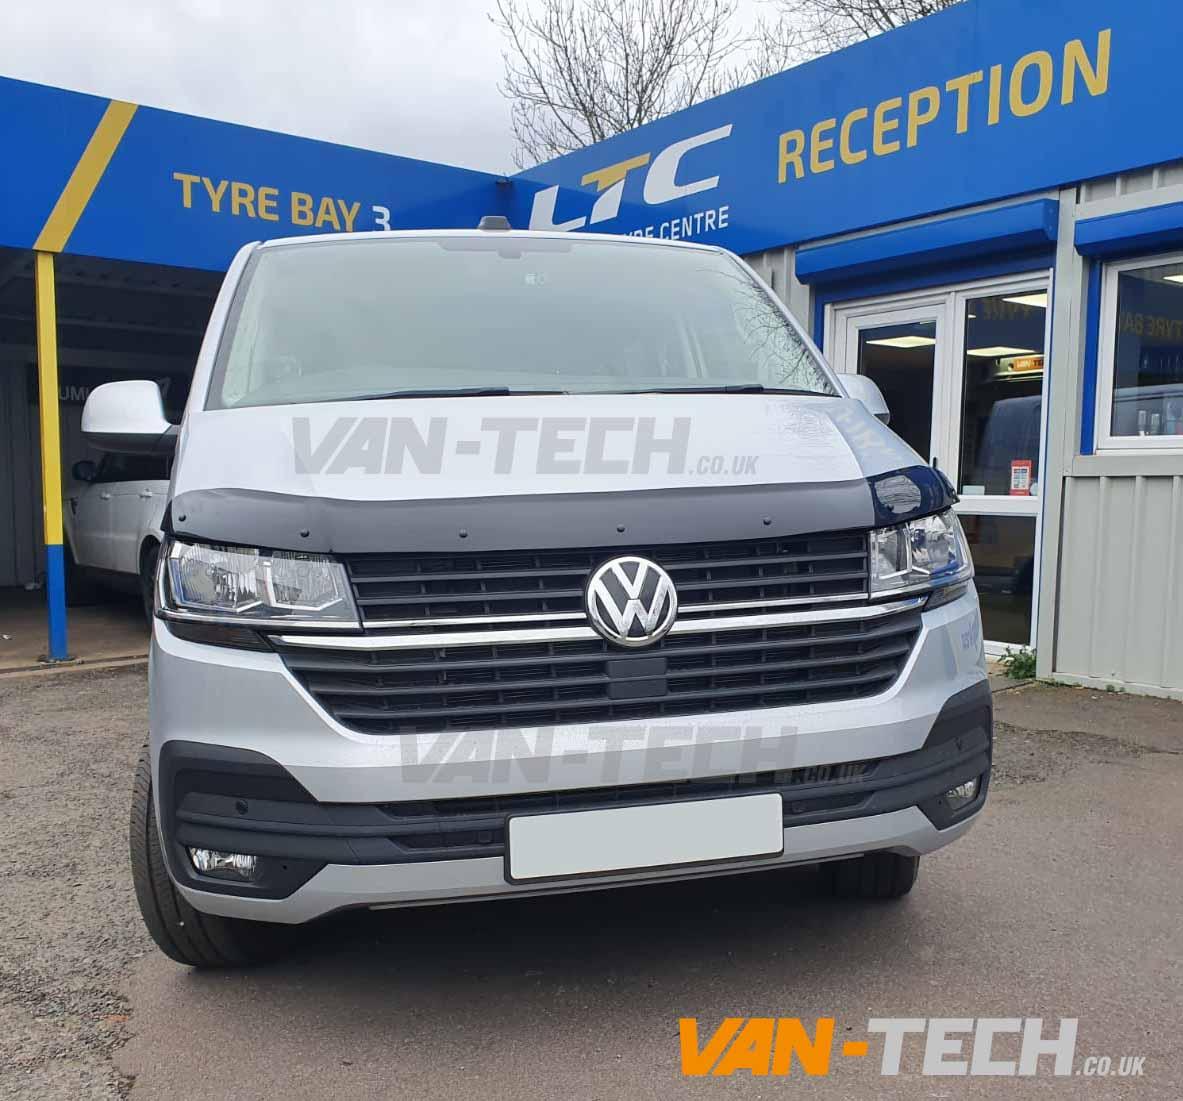 VW Transporter T6.1 Parts and Acessories Wind Deflectors, Bonnet Deflector and Rear Bumper Protector!